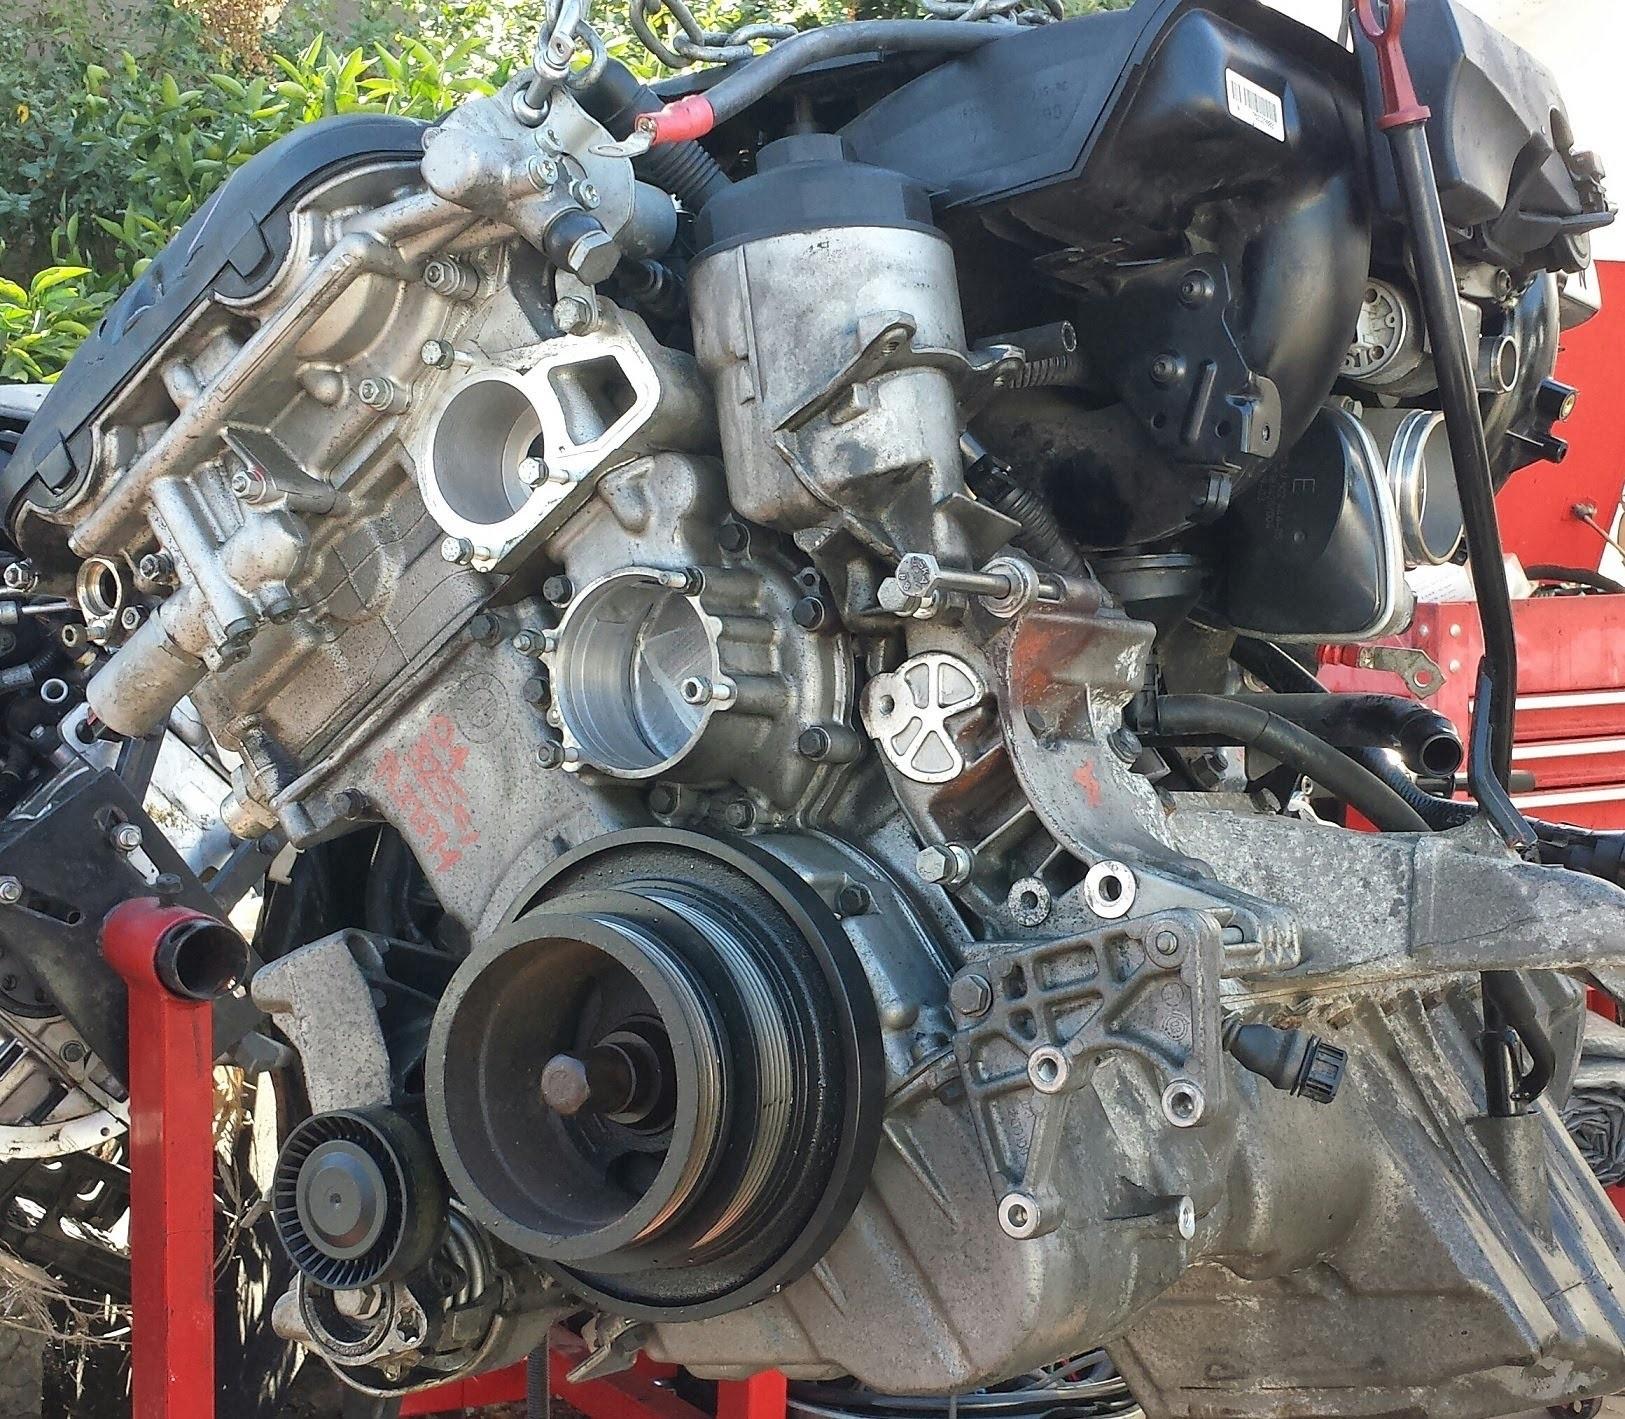 2000 Bmw 323i Parts Diagram Bmw M54b30 Engine Sensors and Parts Diagram